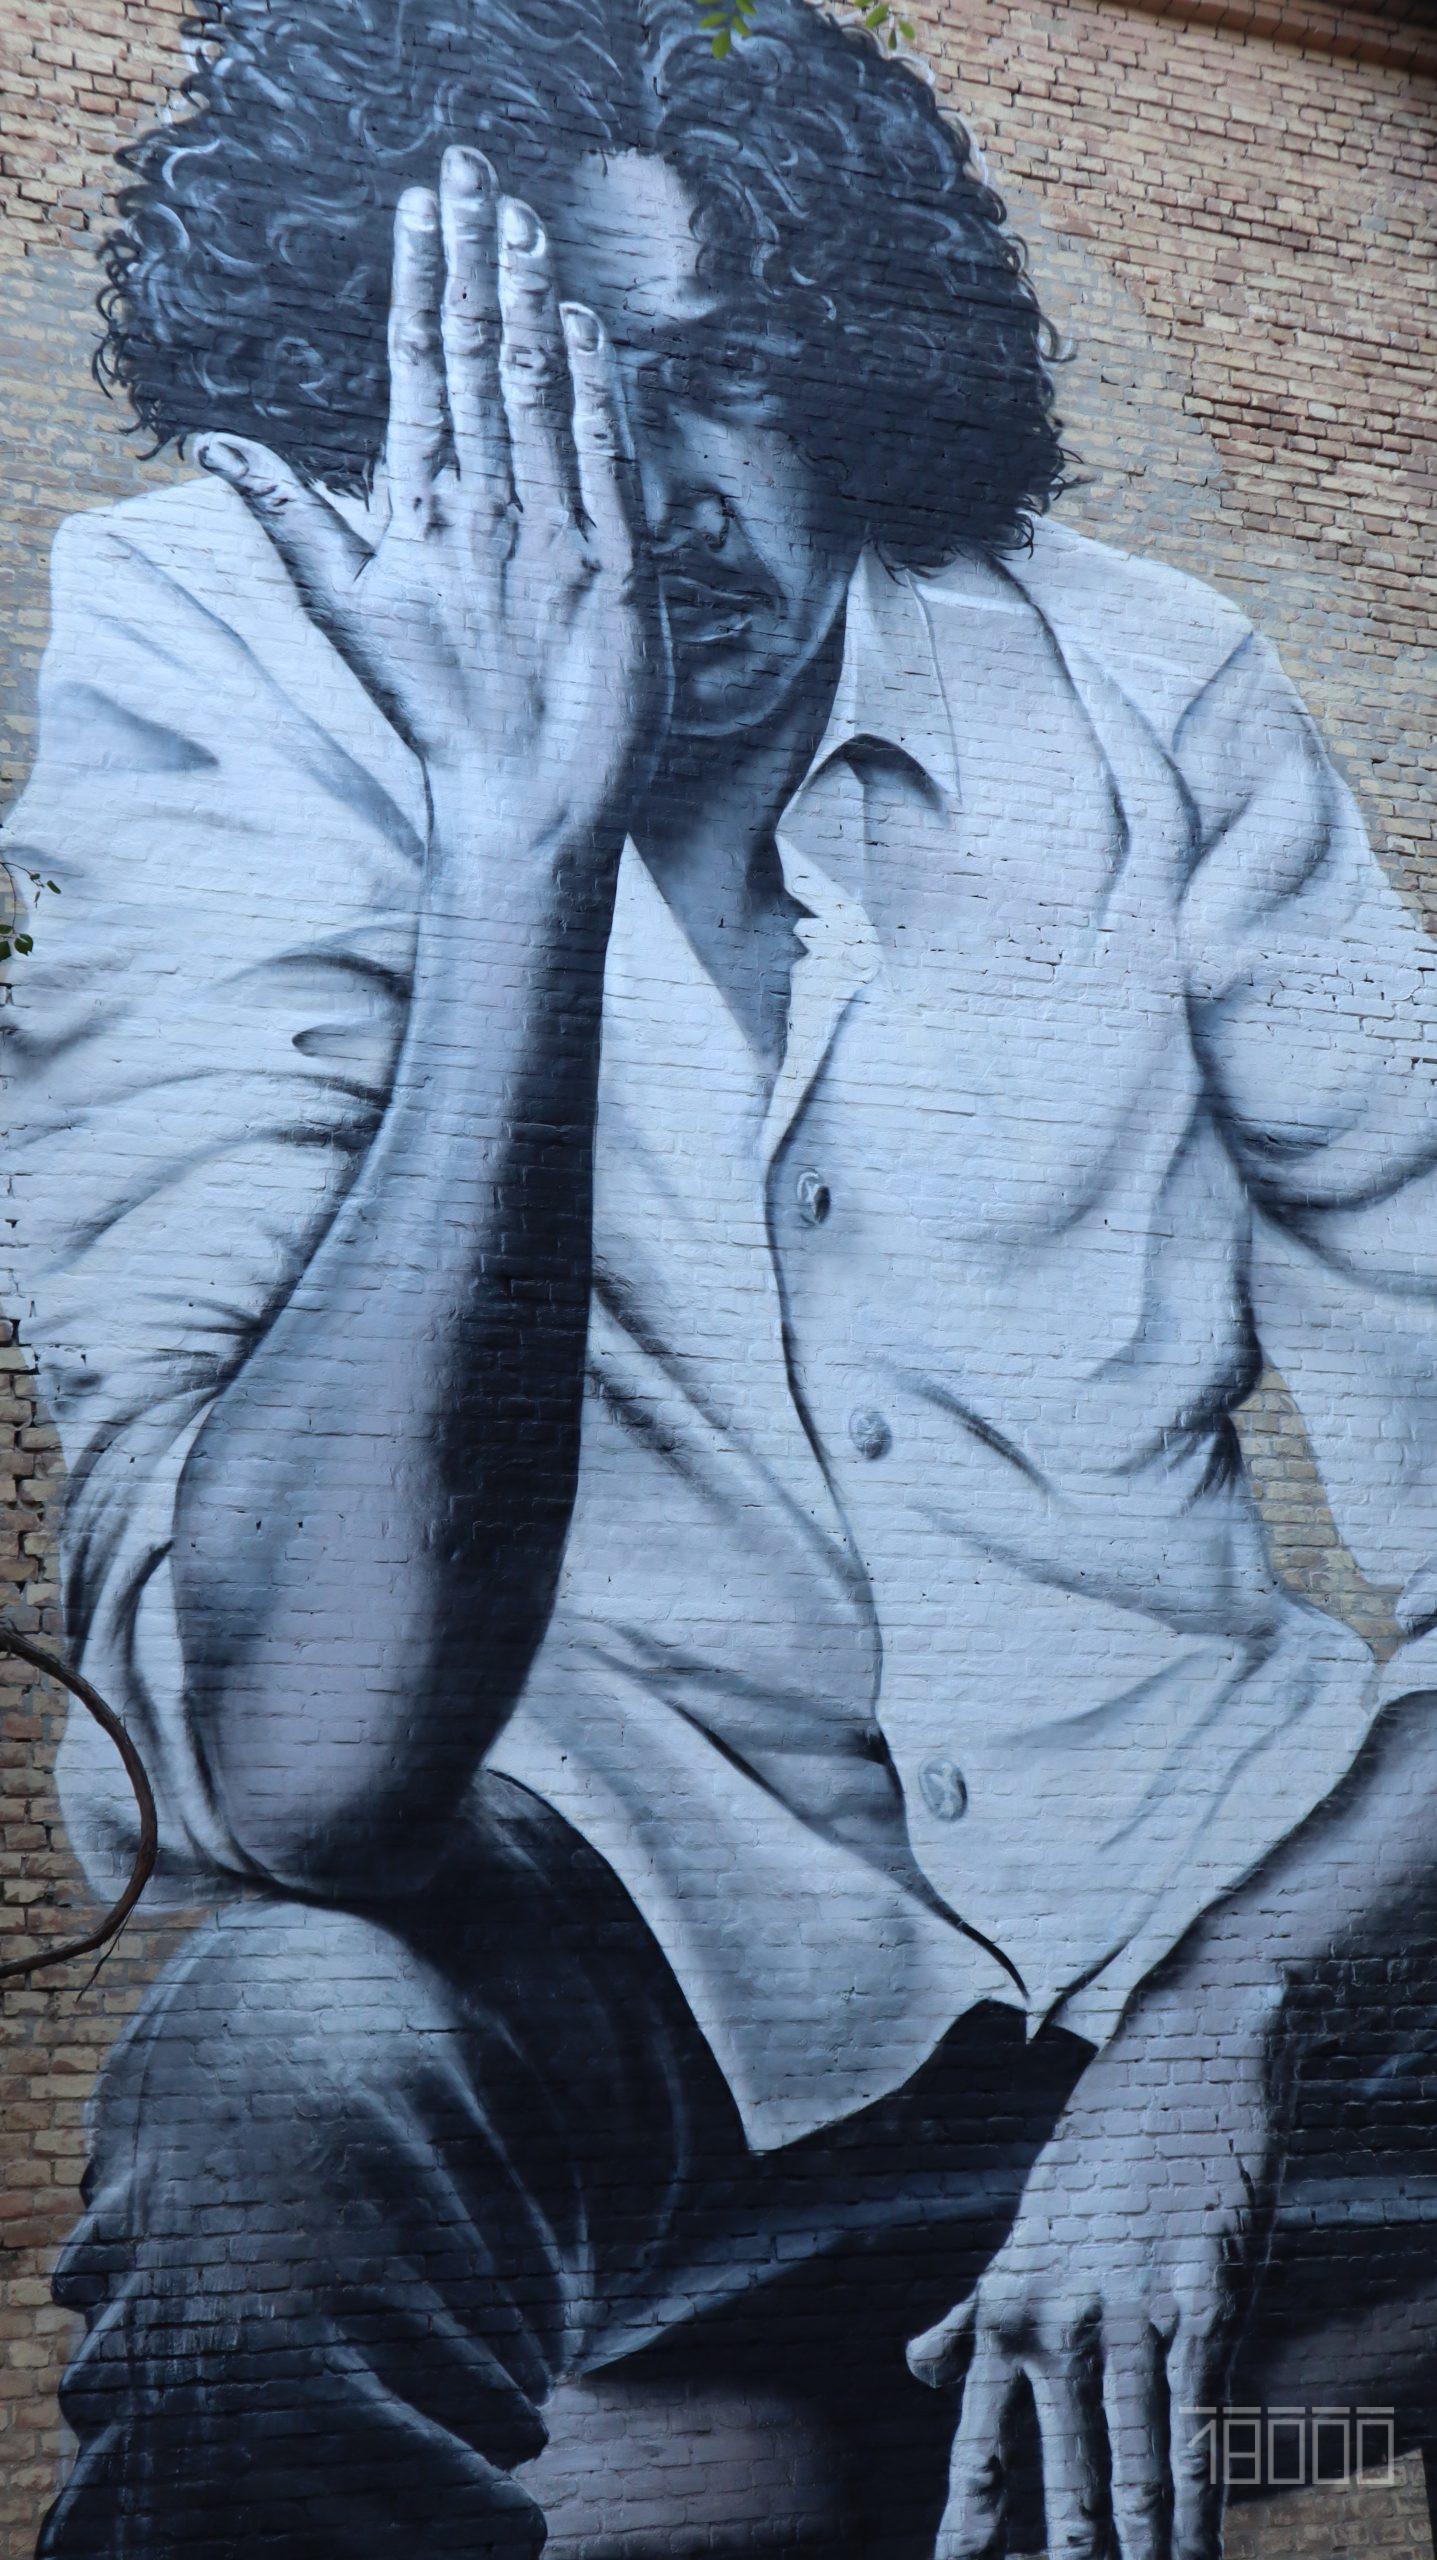 У Черкасах презентували мурал із зображенням Андрія Кузьменка (ФОТО, ВІДЕО)